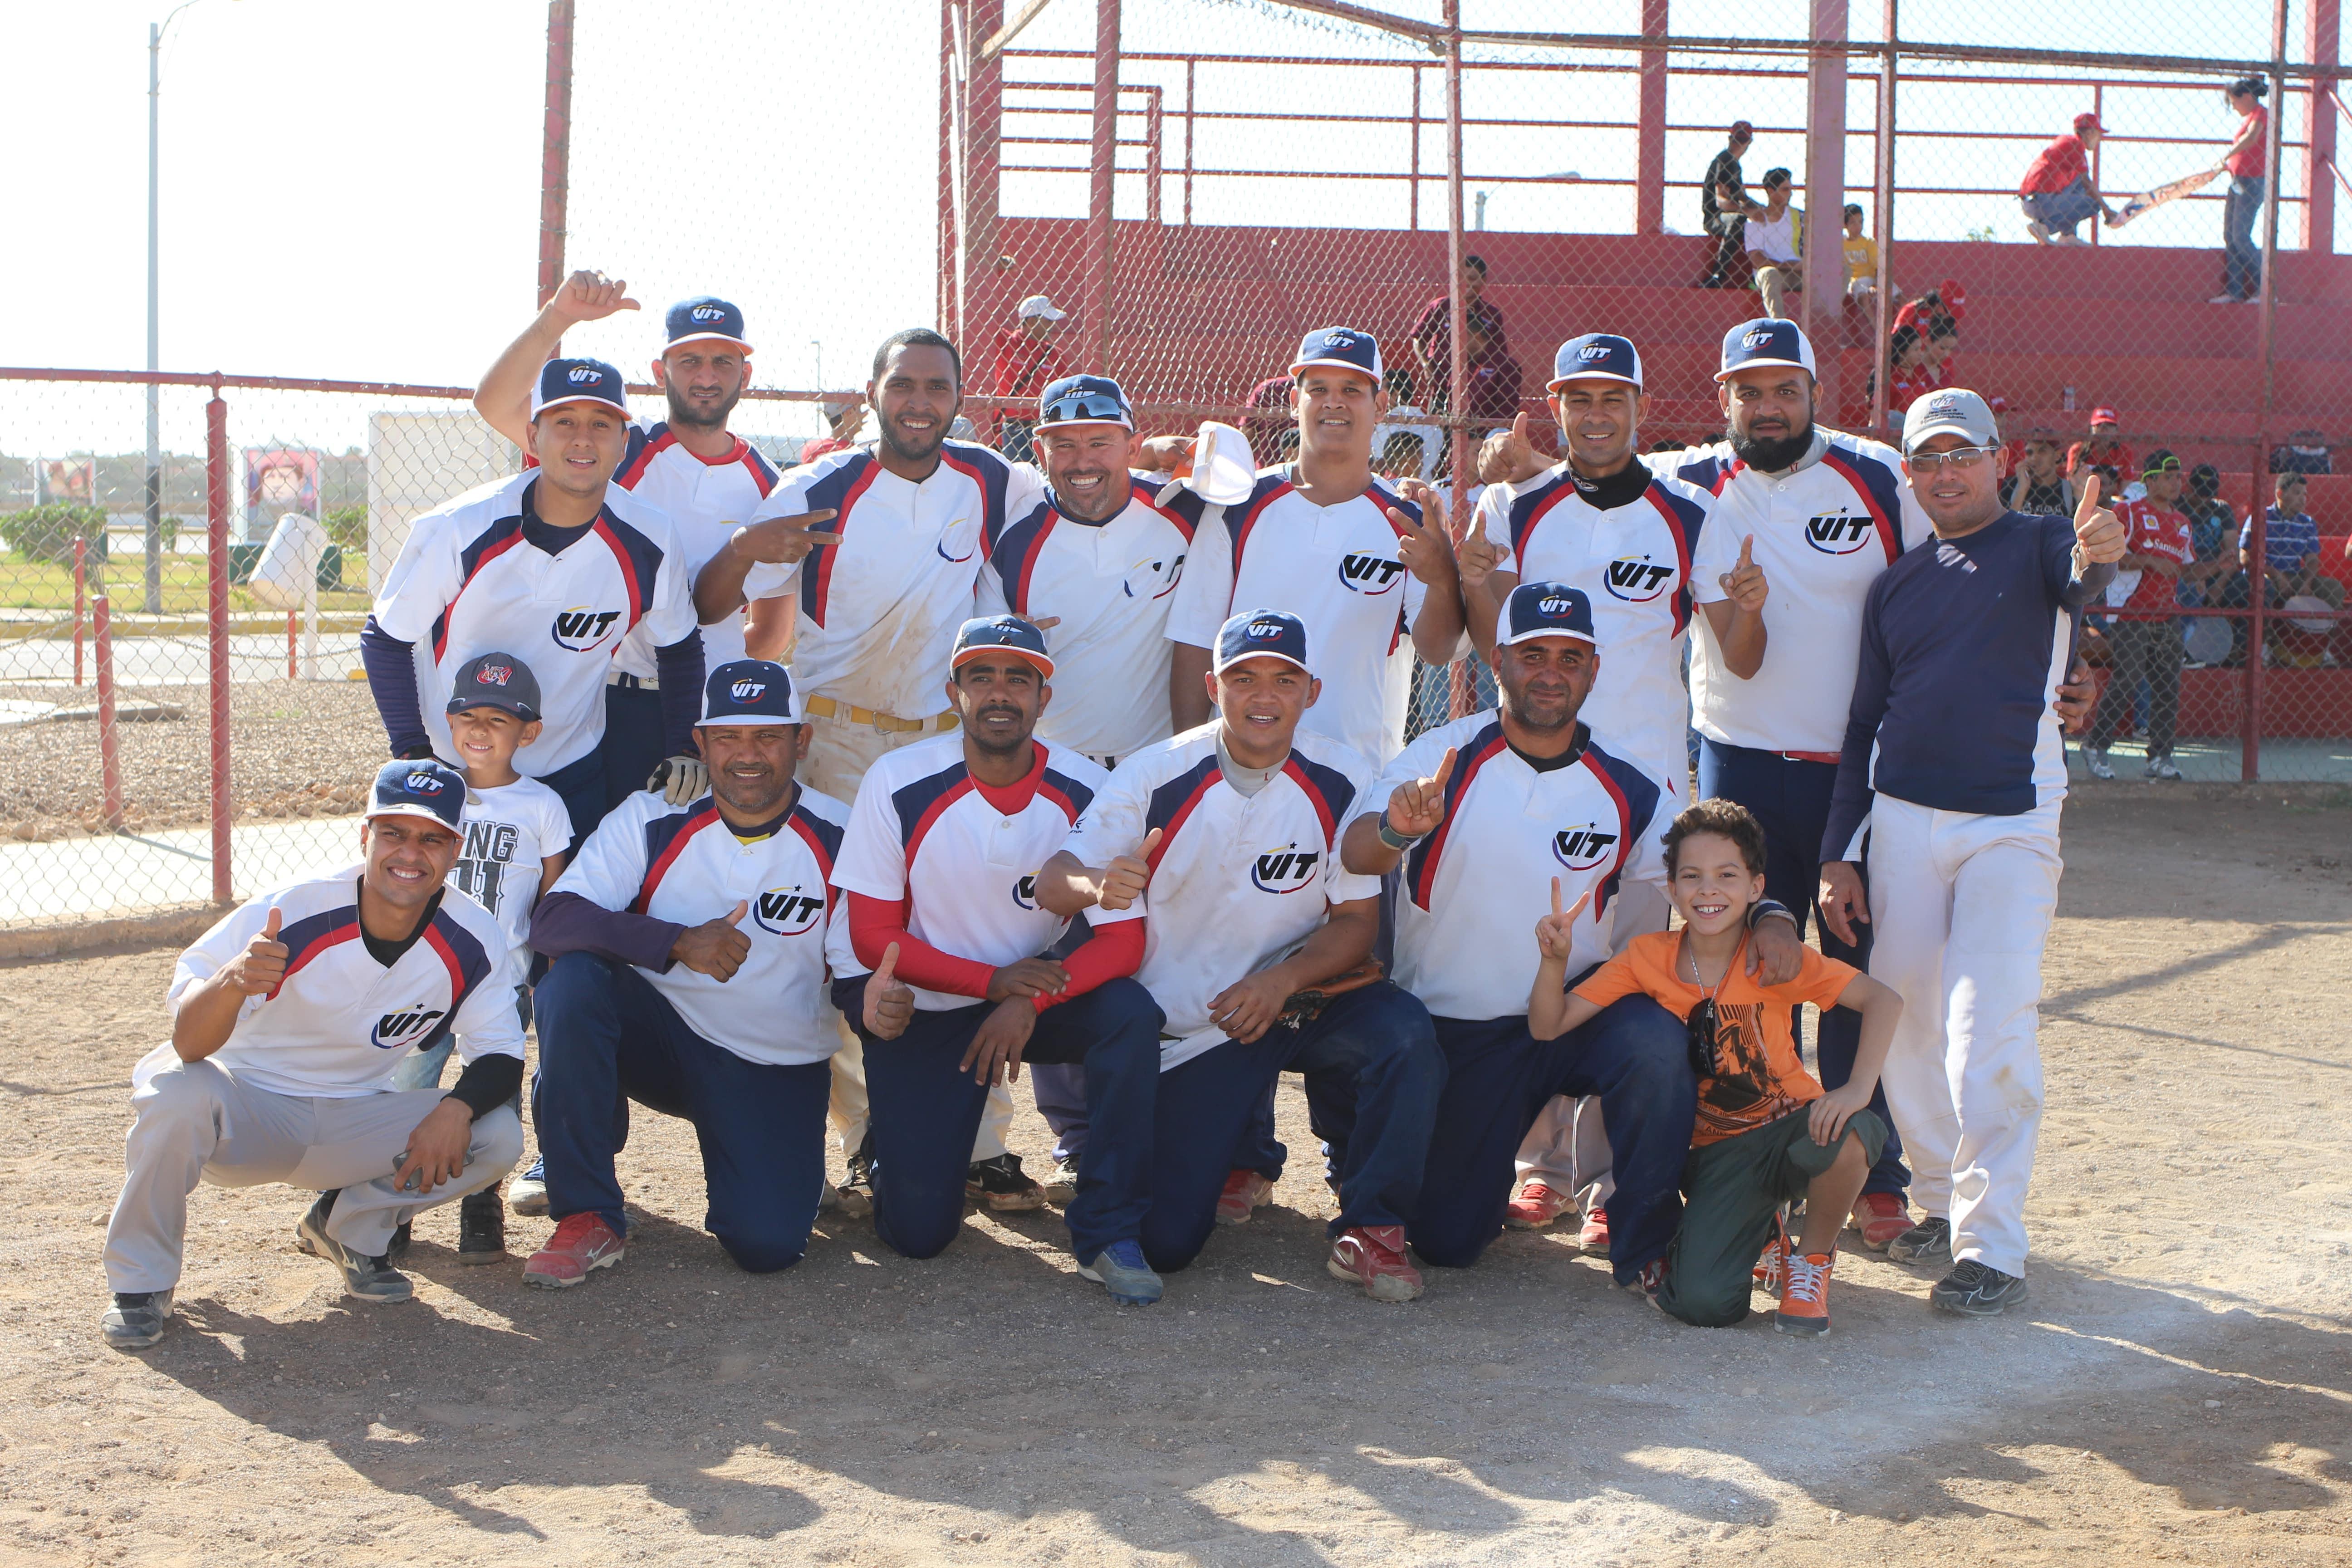 VIT campeón de Futbol Sala y Softball en los juegos deportivos de Zonfipca